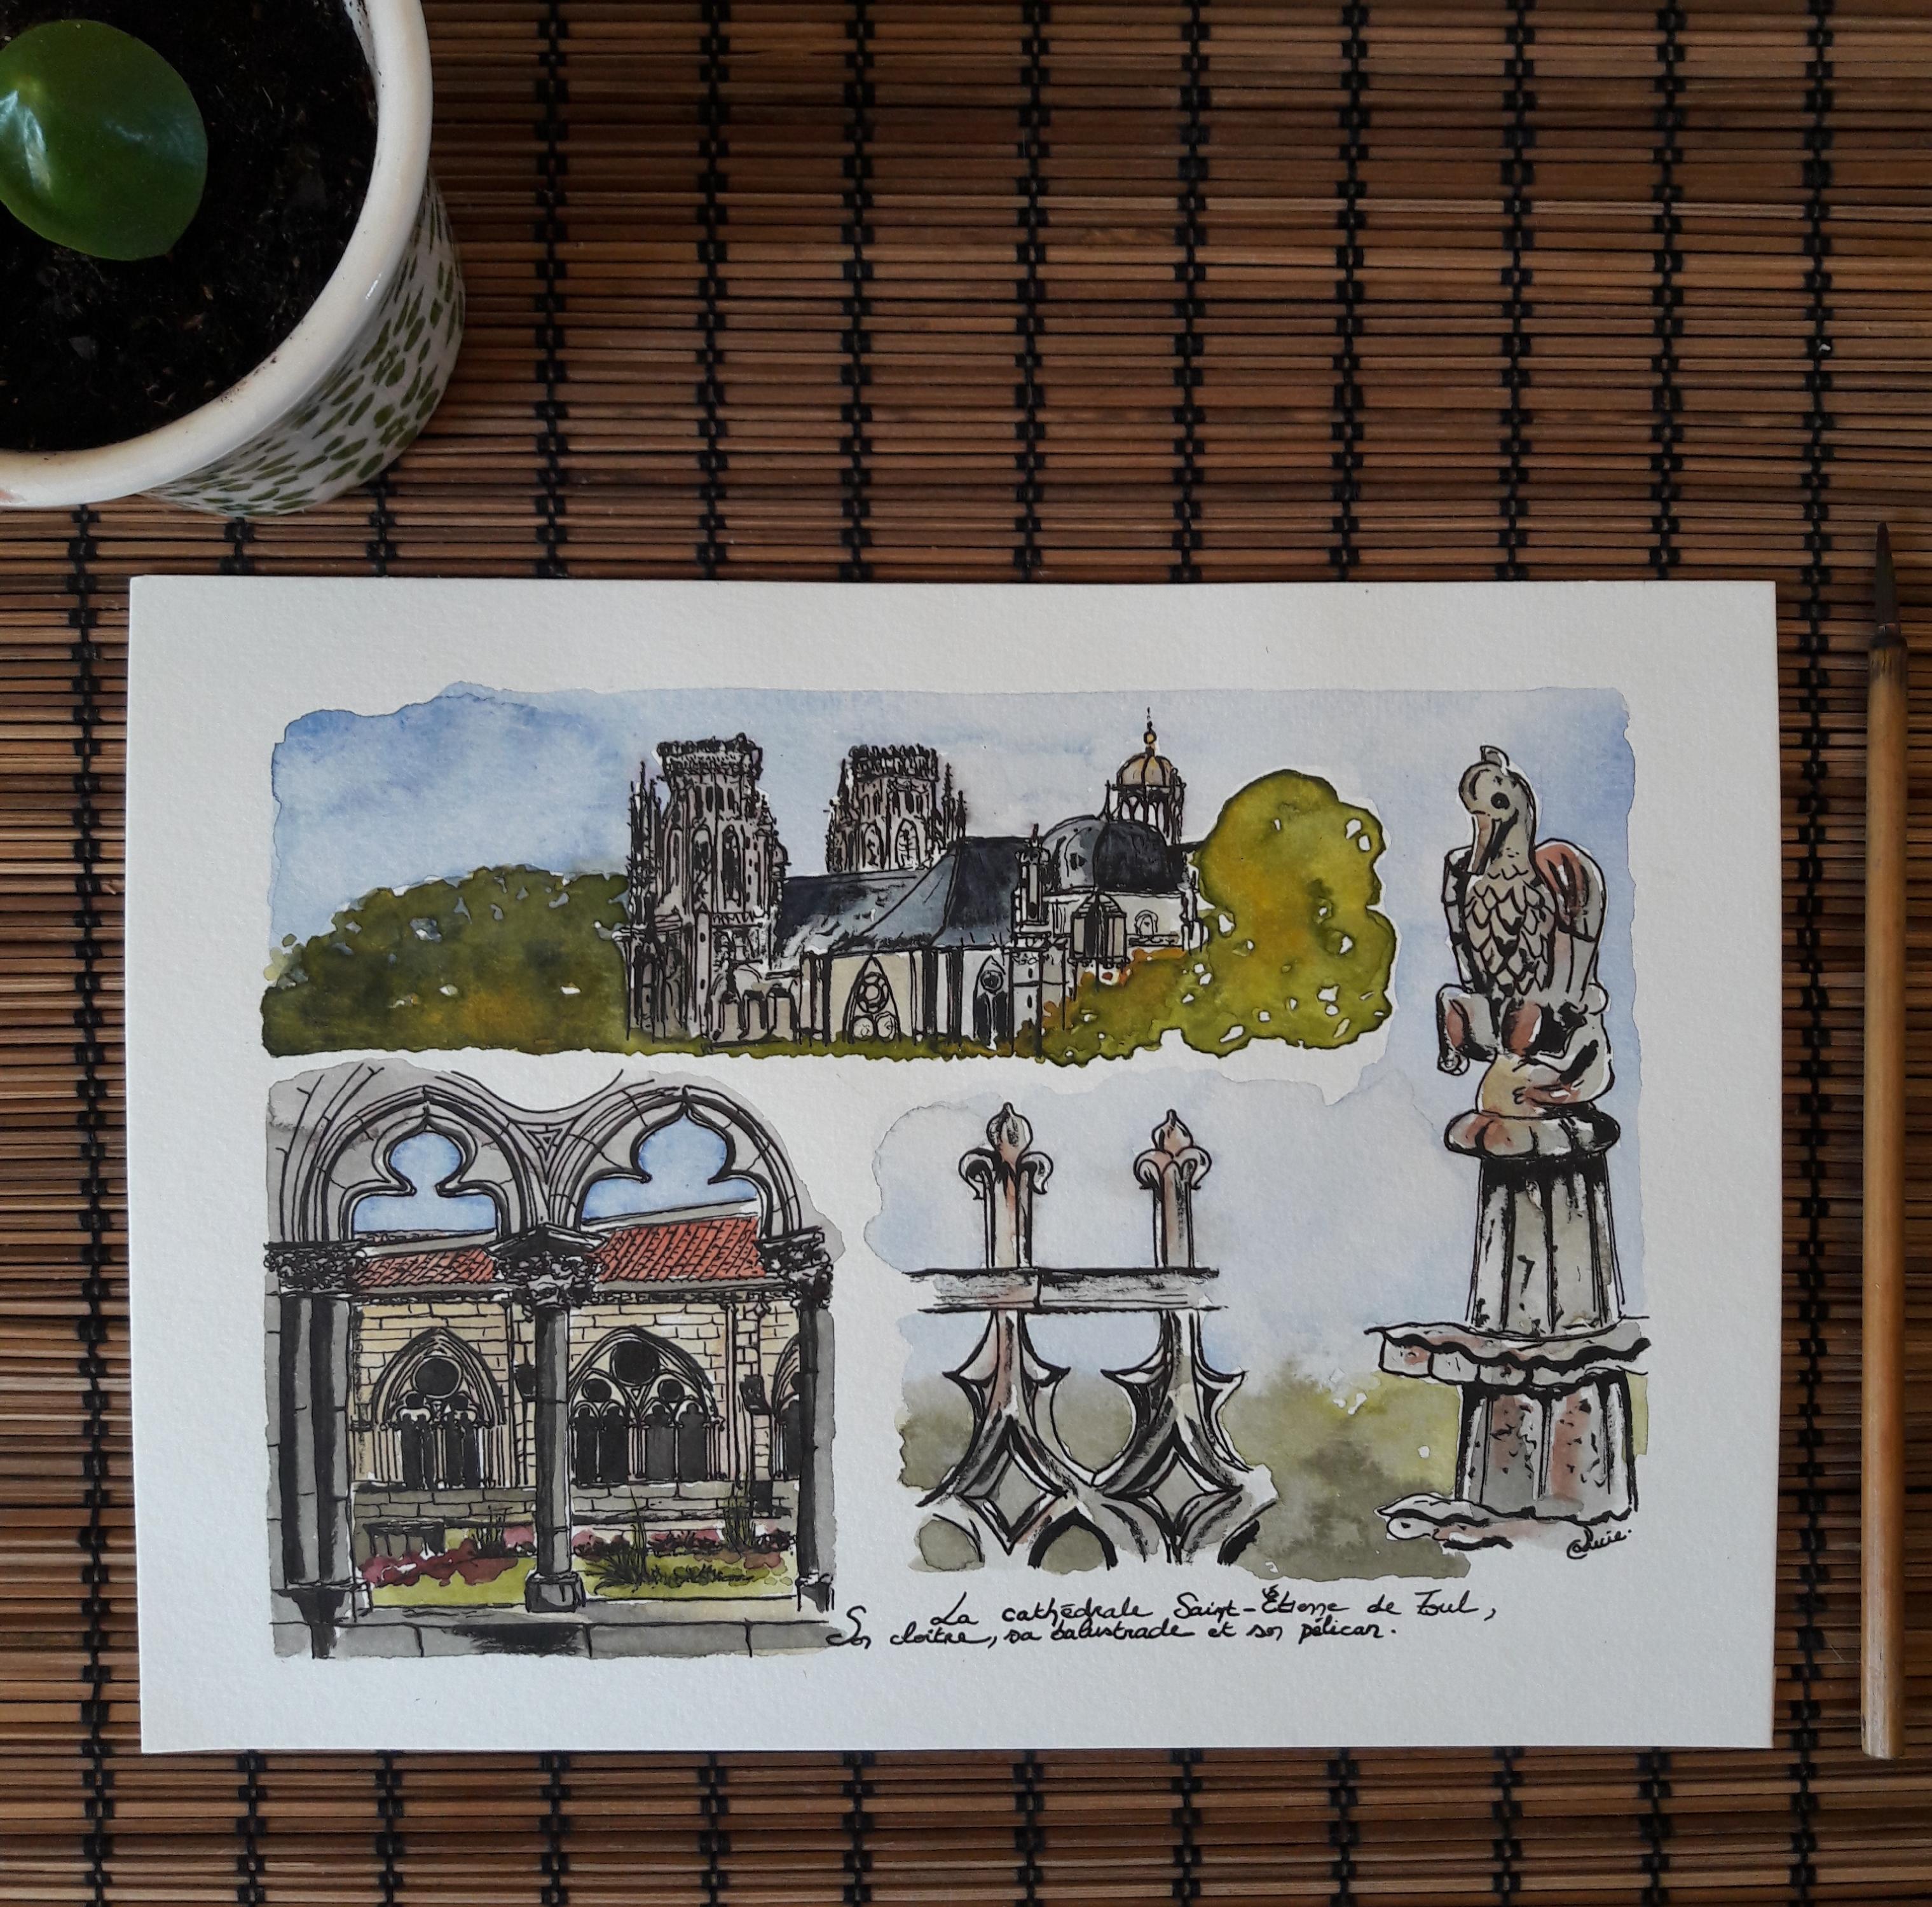 Cathédrale Saint-Etienne de Toul